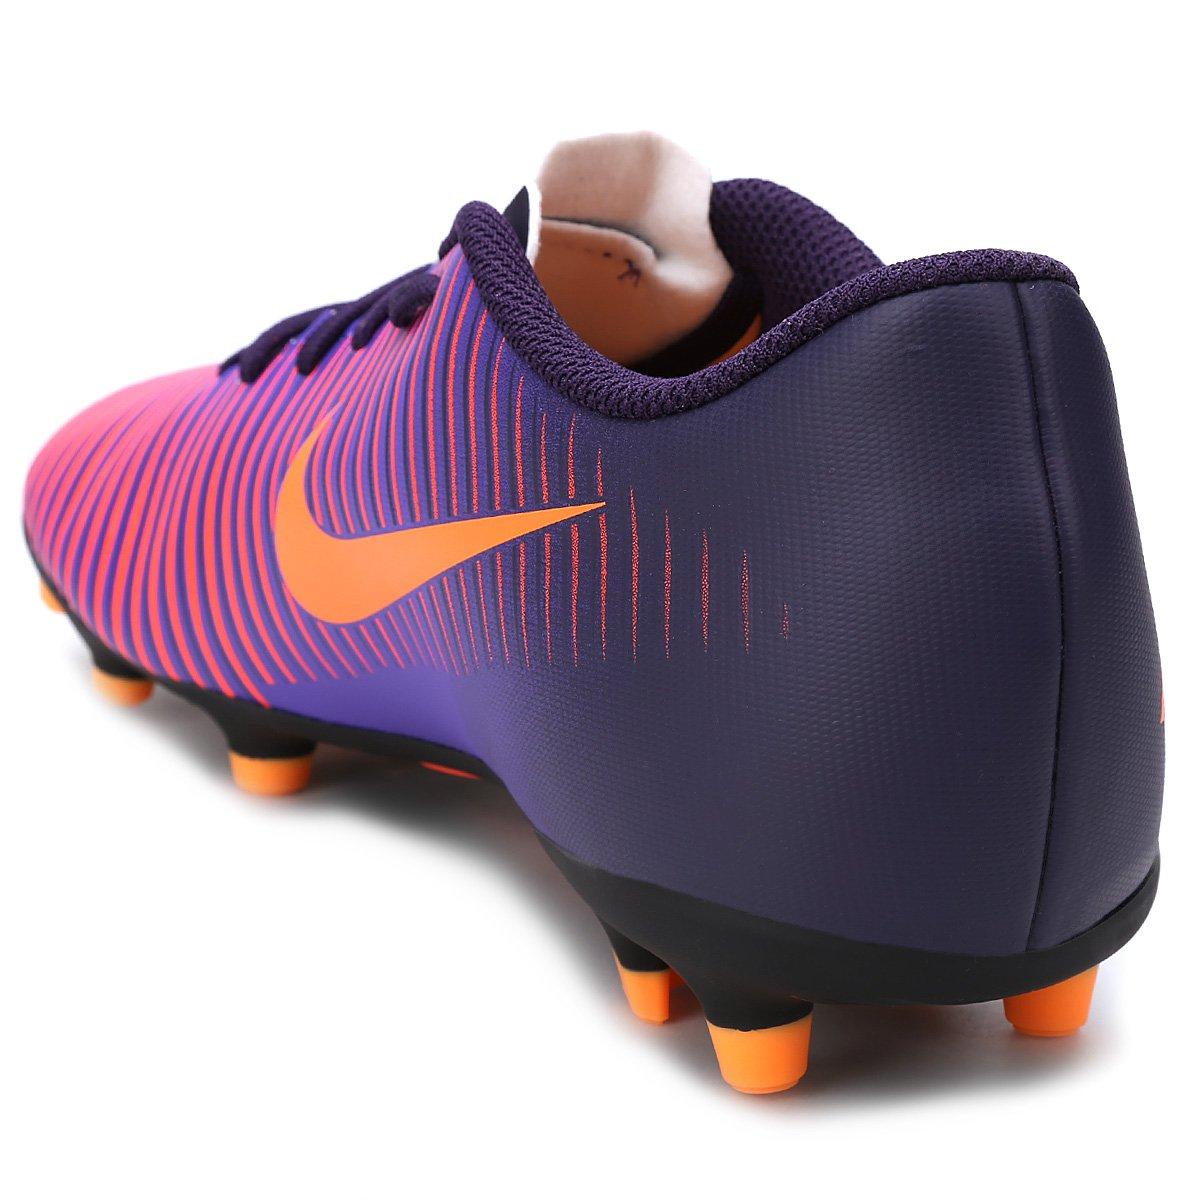 e058a69fae Chuteira Campo Nike Mercurial Vortex 3 FG - Roxo - Compre Agora ...